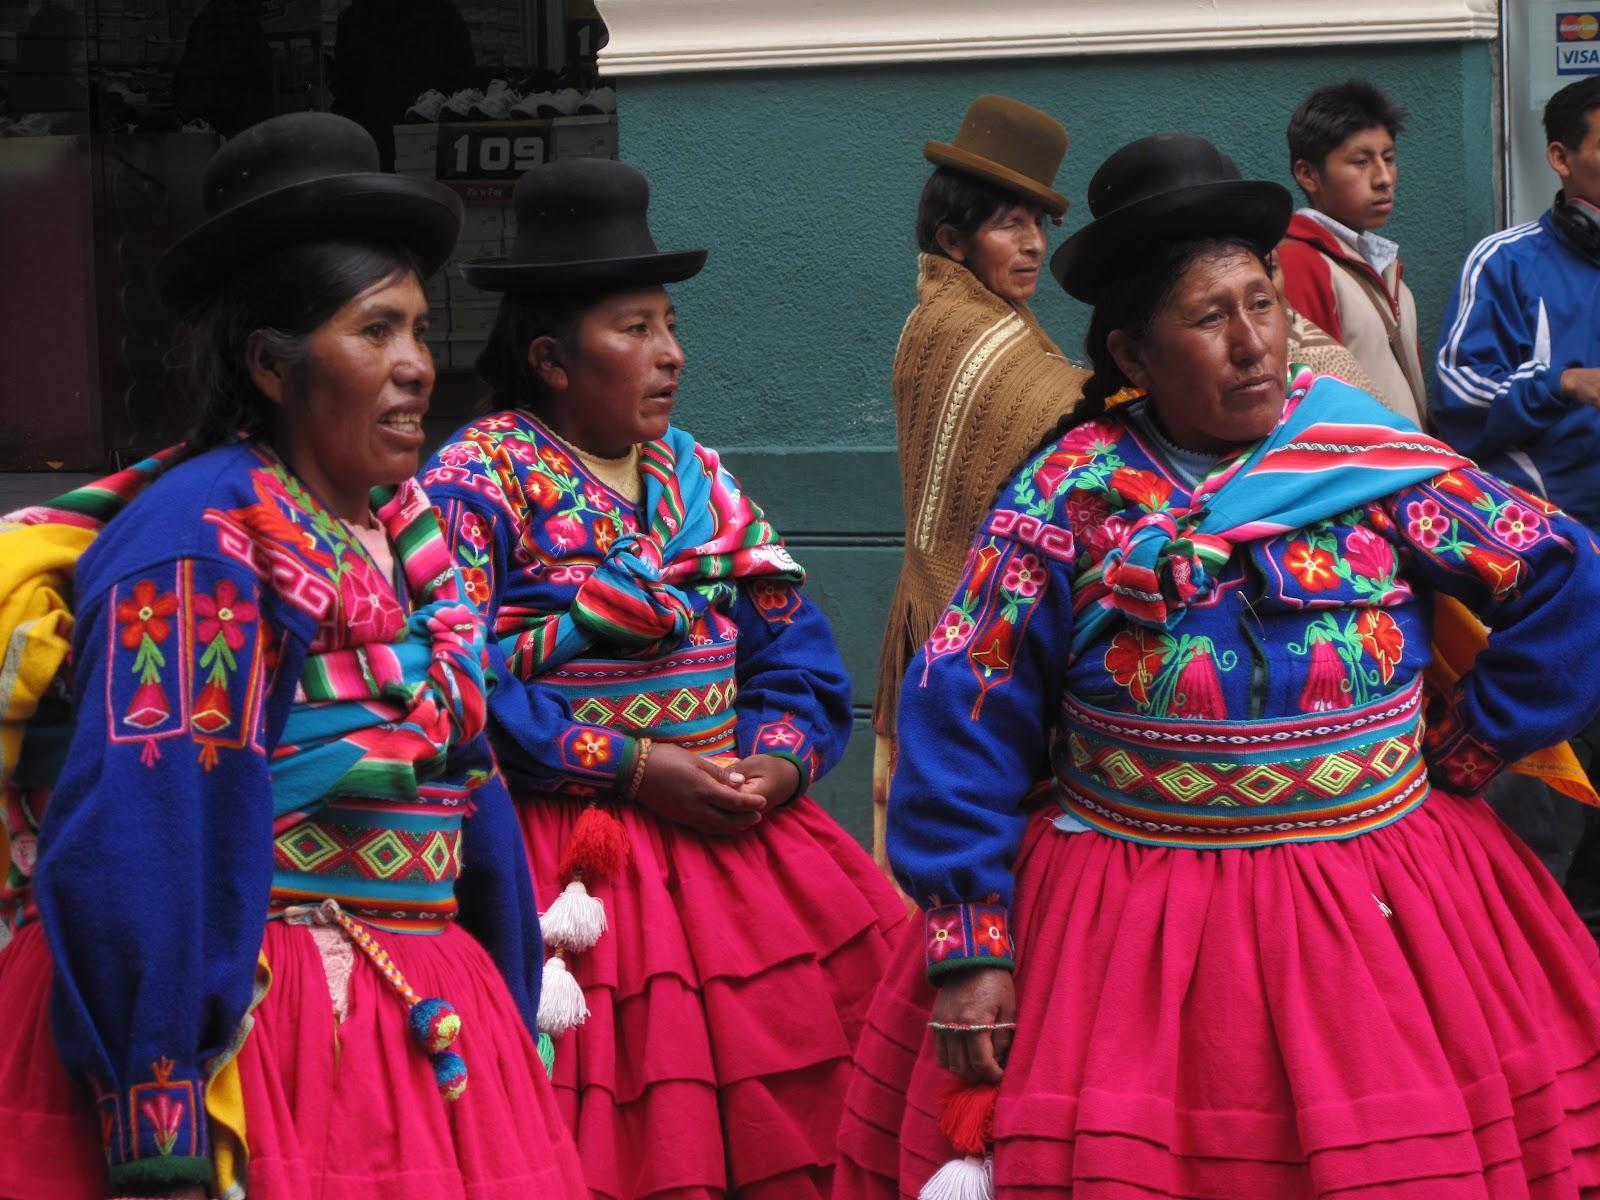 Bolivian Life